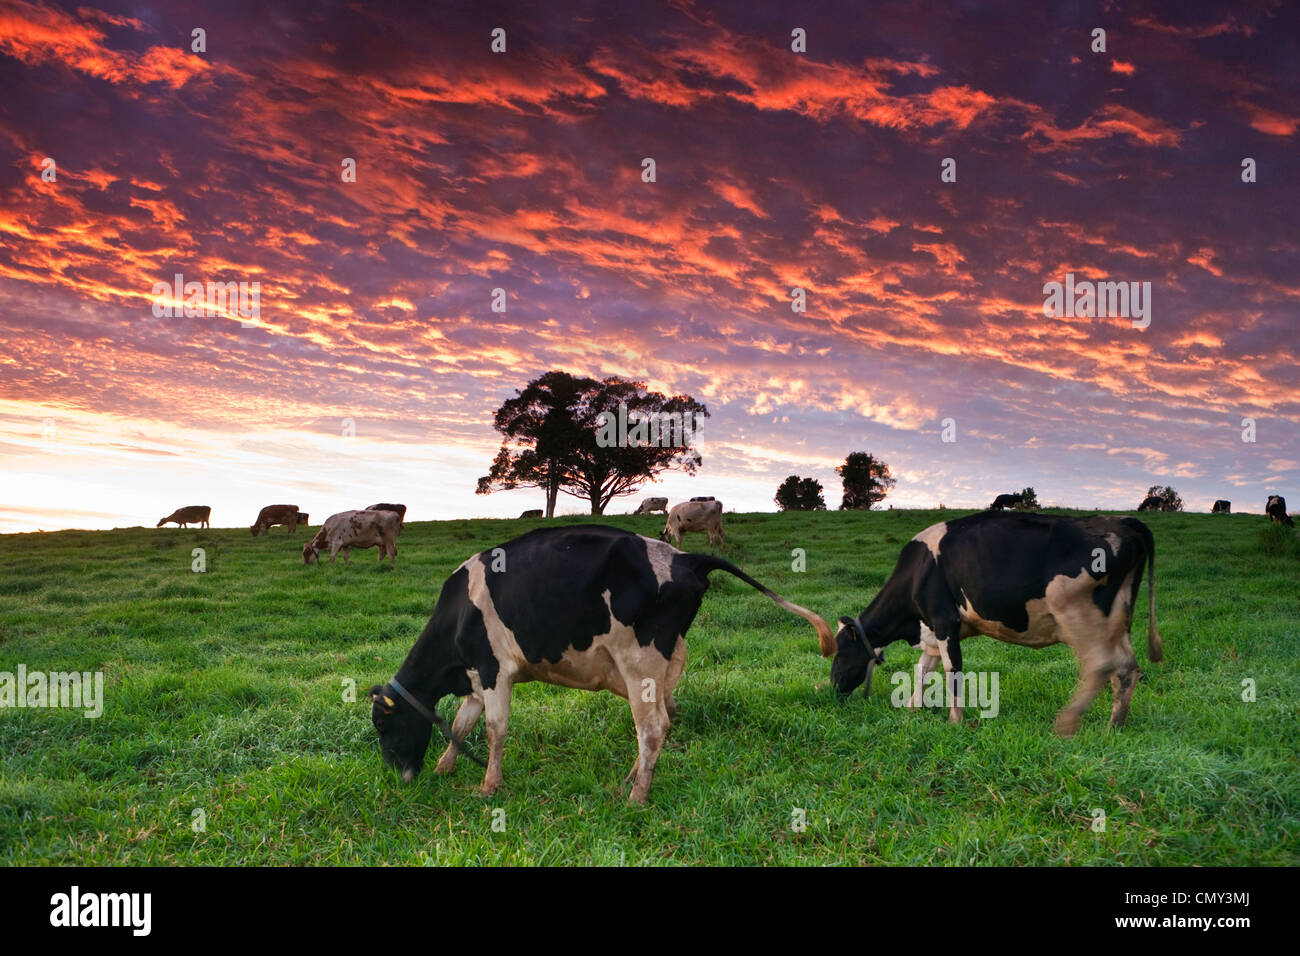 Vacche da latte al pascolo nei pascoli al crepuscolo. Millaa Millaa, altopiano di Atherton, Queensland, Australia Immagini Stock